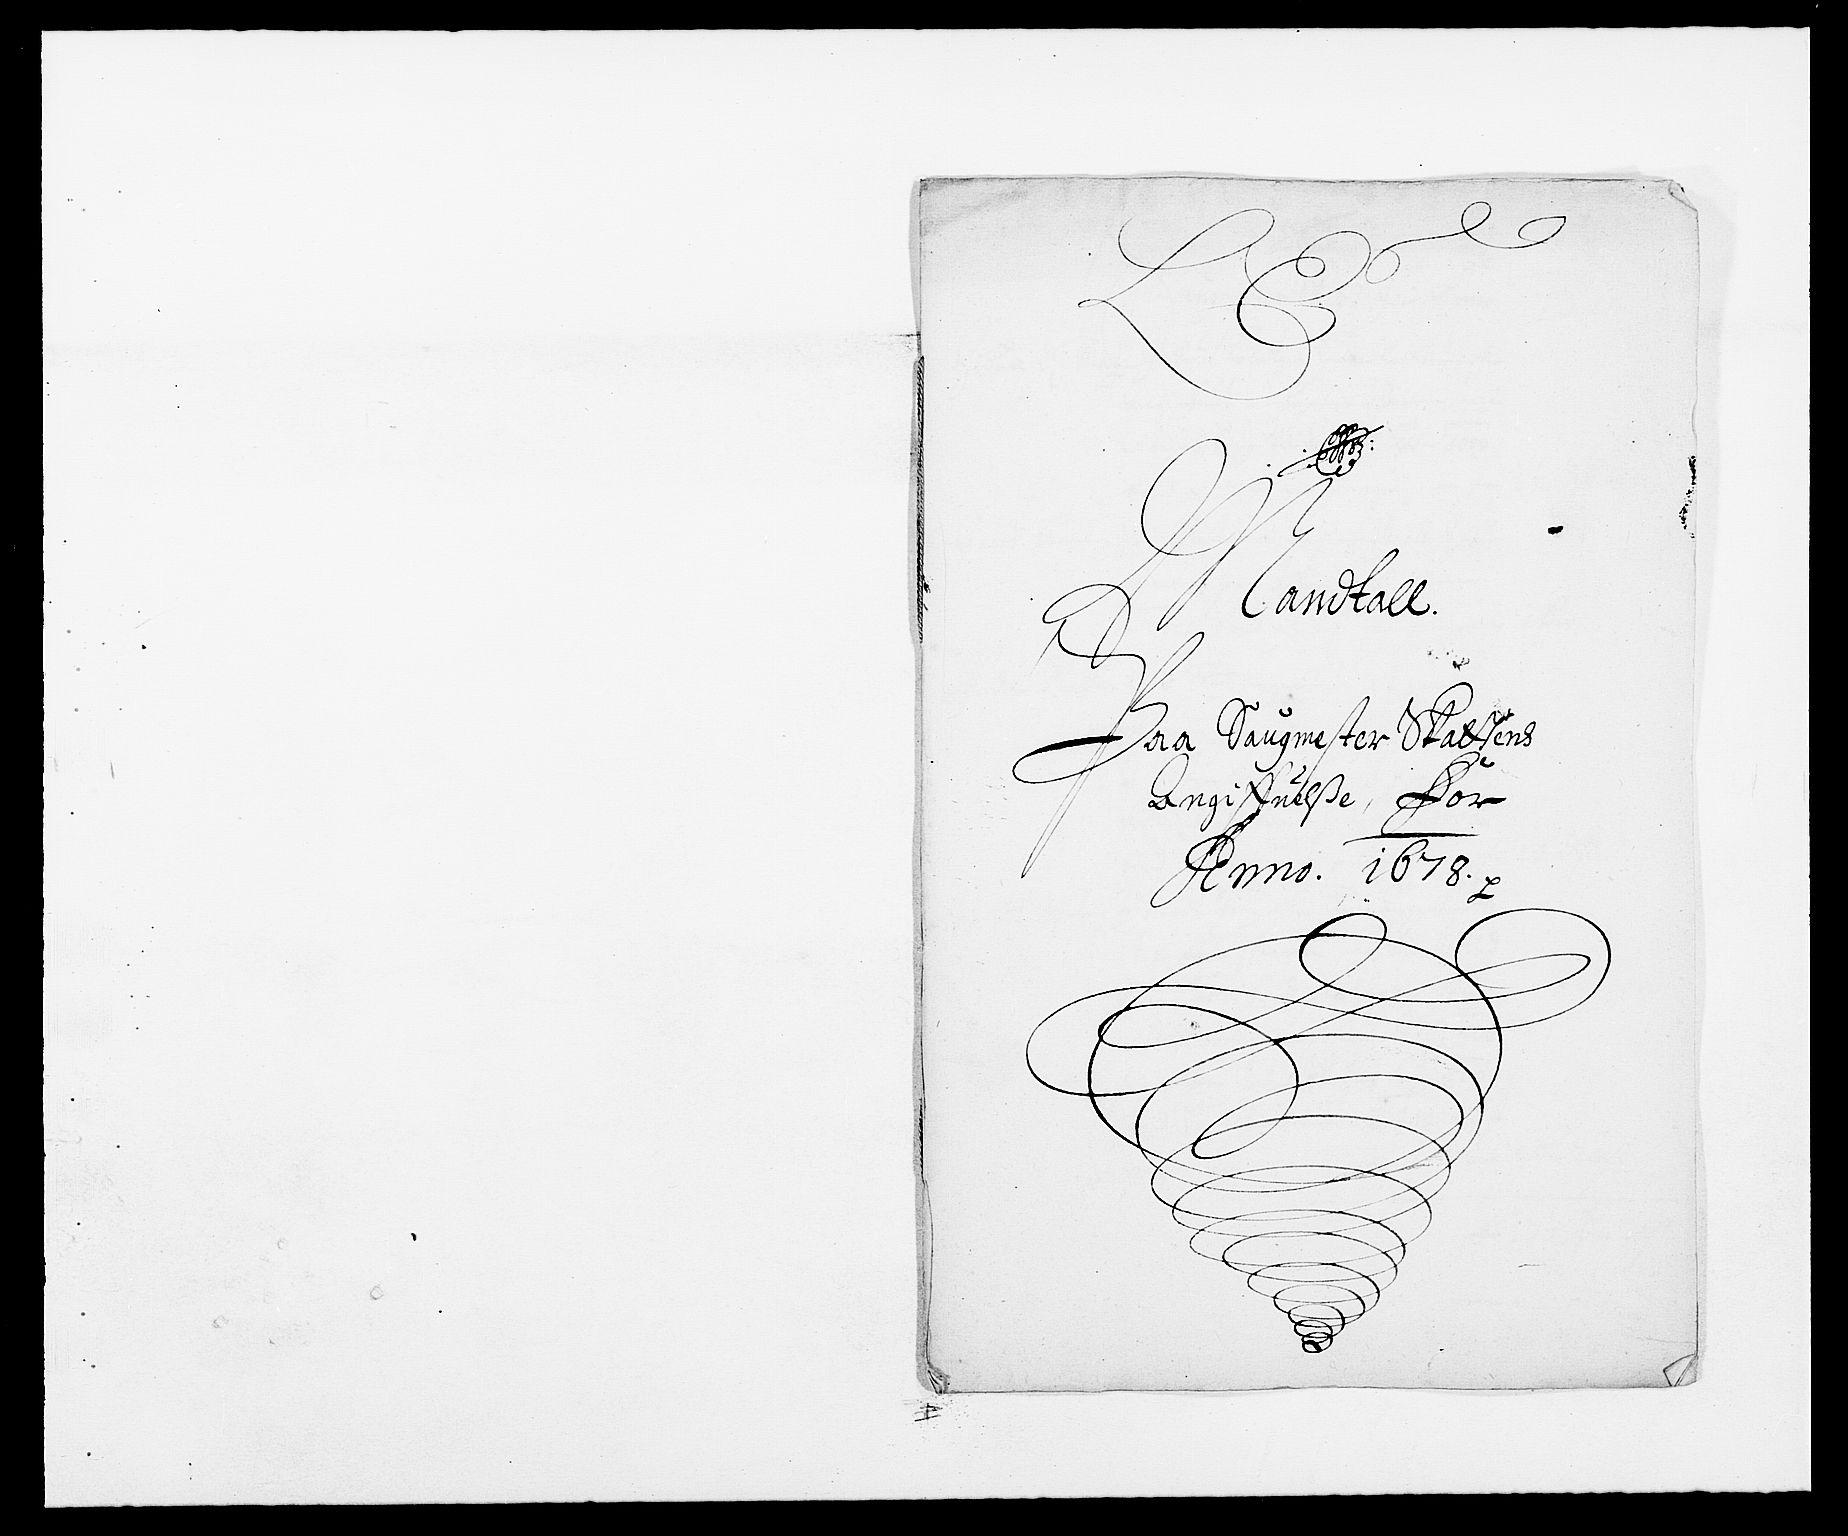 RA, Rentekammeret inntil 1814, Reviderte regnskaper, Fogderegnskap, R08/L0416: Fogderegnskap Aker, 1678-1681, s. 265